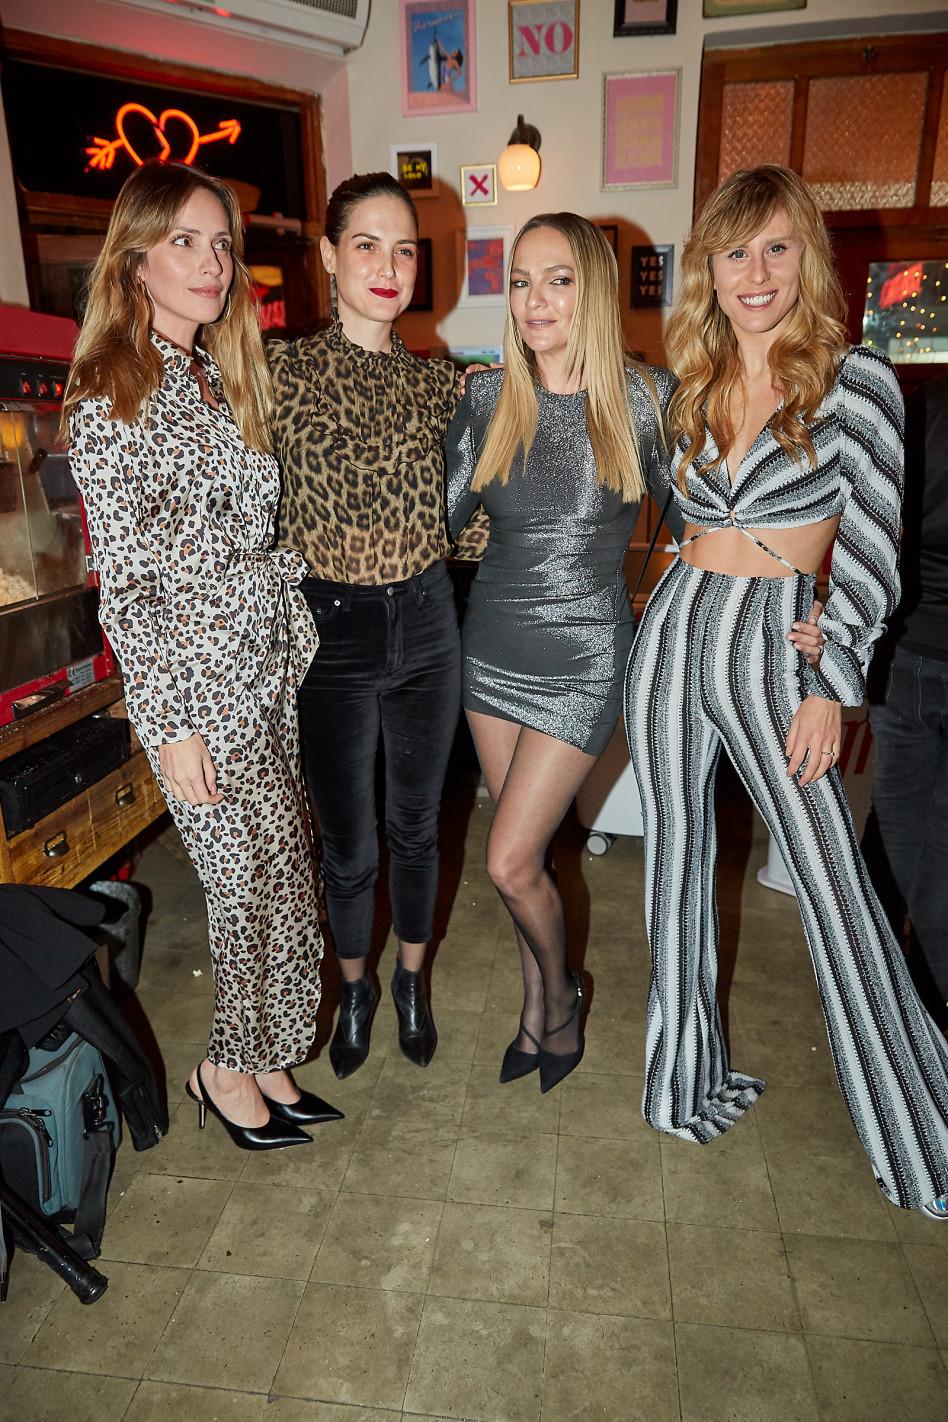 אלינה כהן, קרן ברטוב, סיון קליין, מלי לוי (צילום: שוקה כהן)